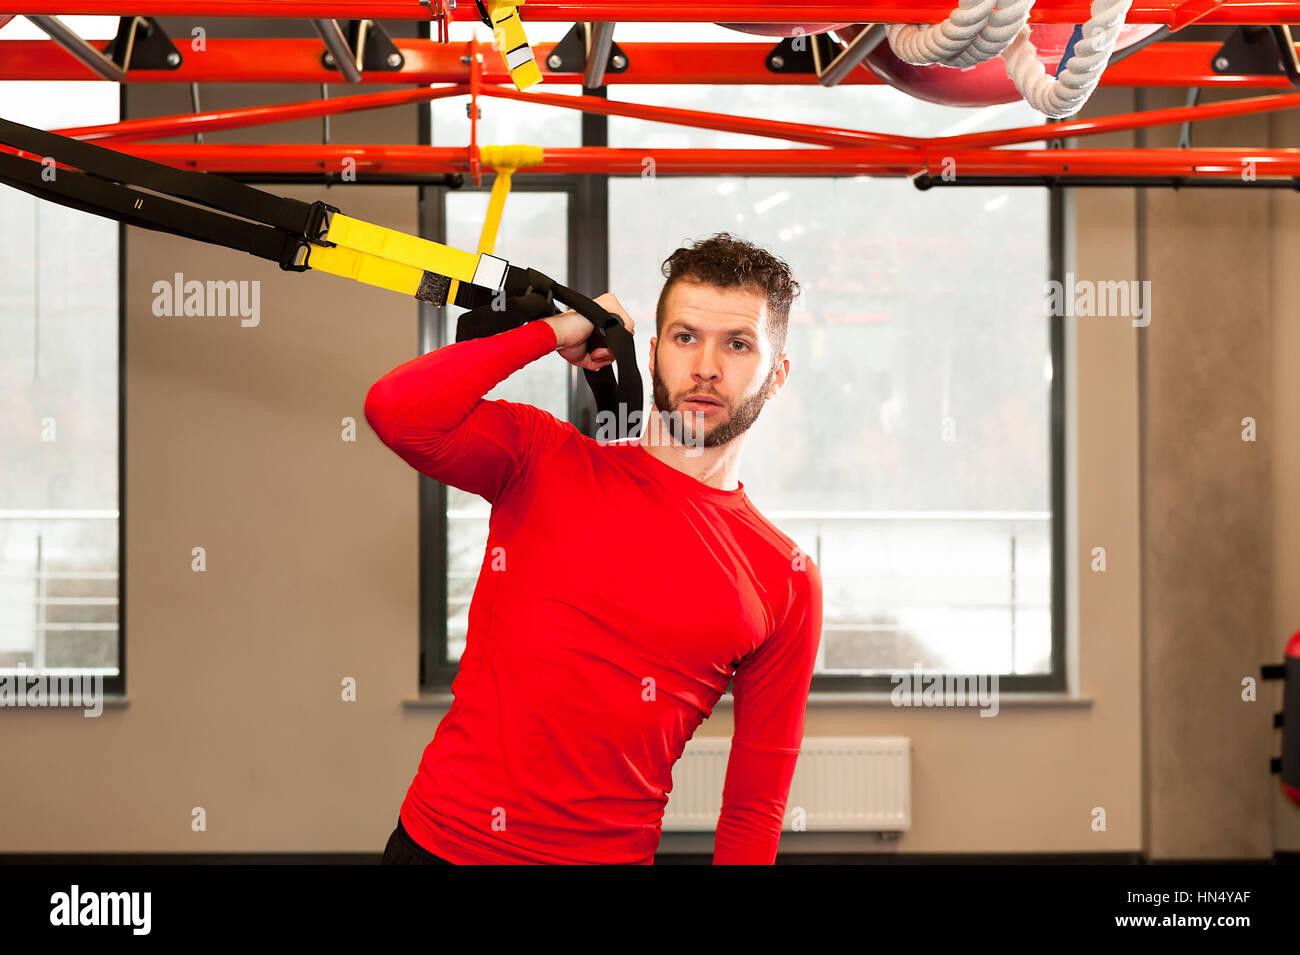 TRX entrenamiento. Crossfit instructor en el gimnasio haciendo TRX Excersise. Fitness hombre ejercitarse en los Imagen De Stock